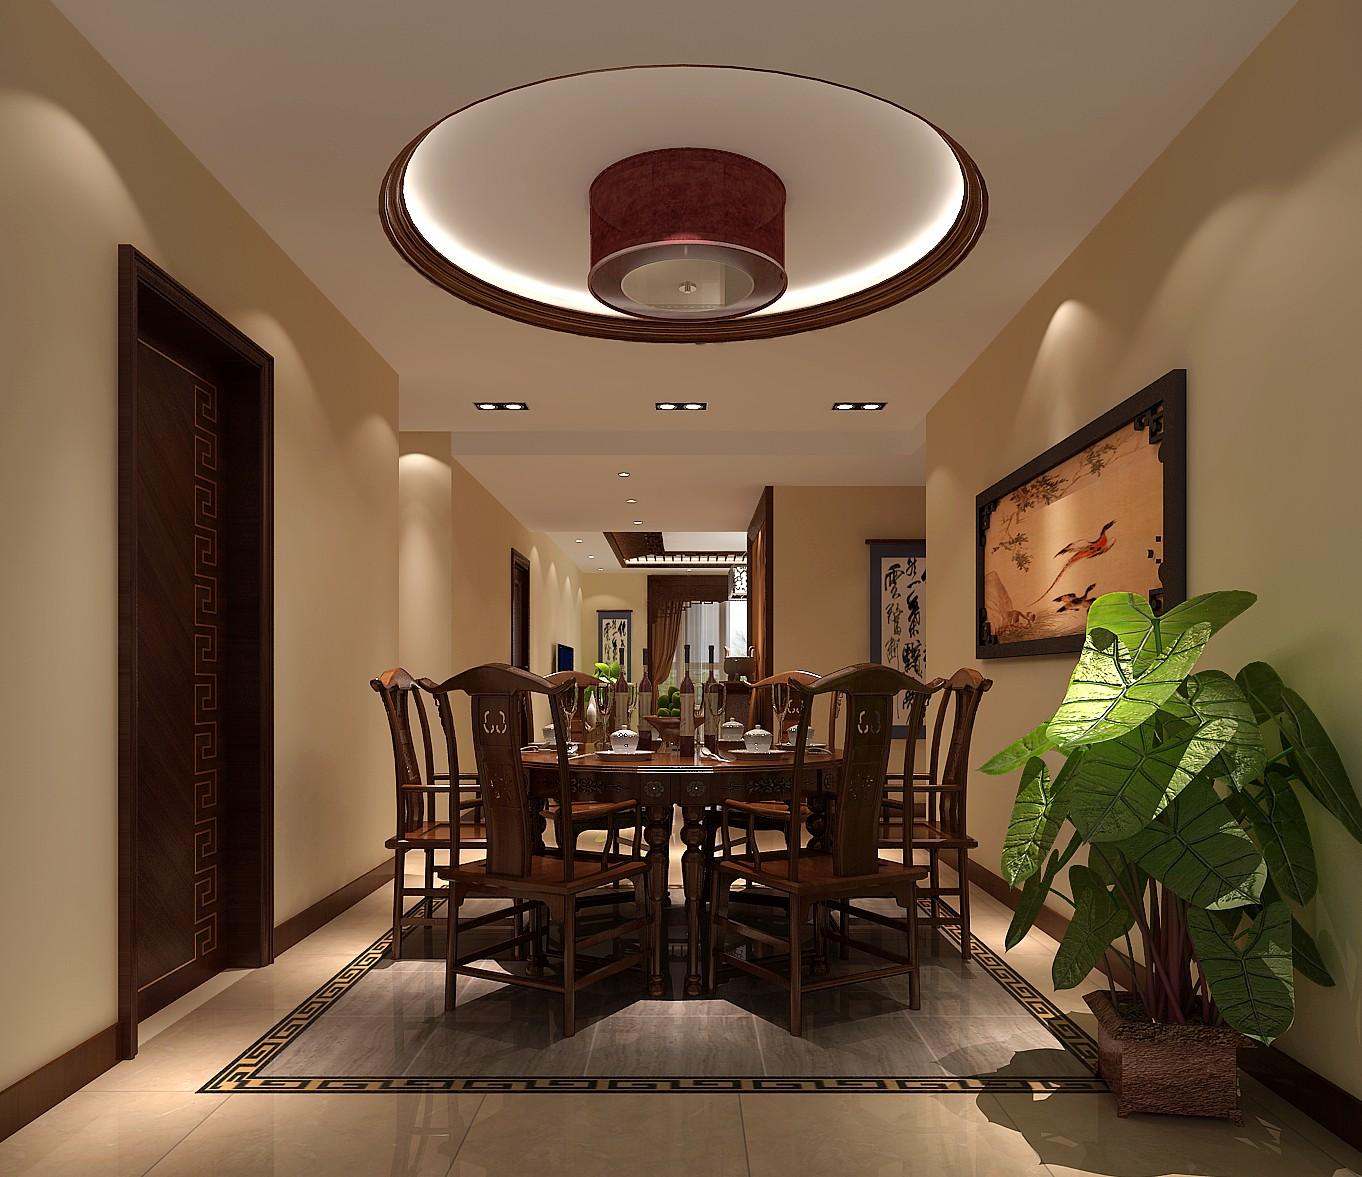 中式风格 装修设计 高度国际 餐厅图片来自成都高度国际在泰悦湾-180㎡-中式古典风格的分享